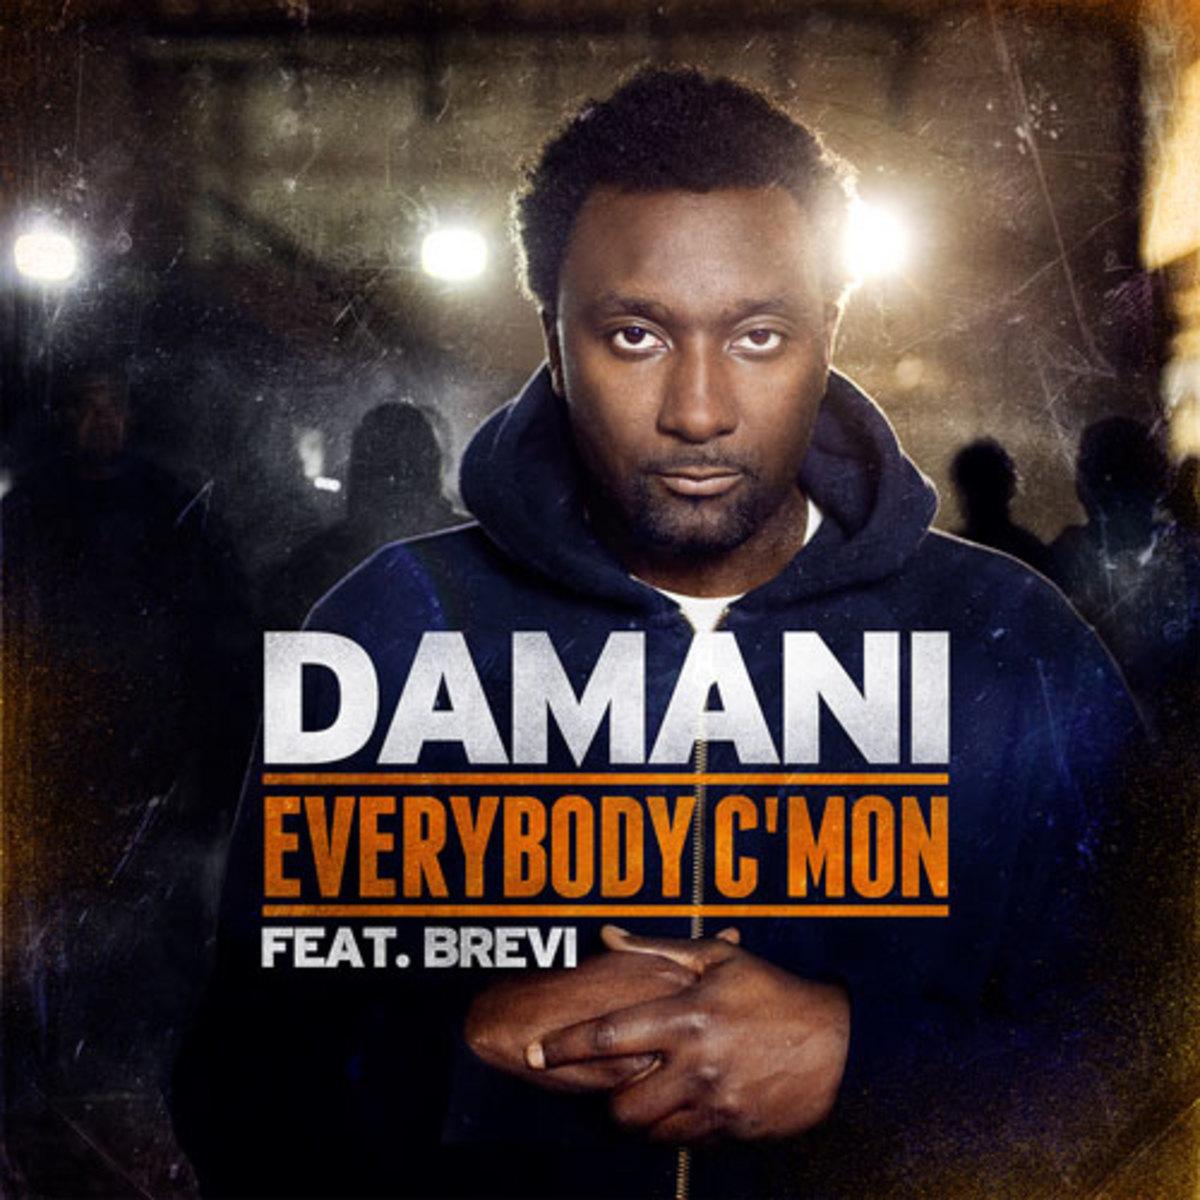 damani-everybodycmon.jpg